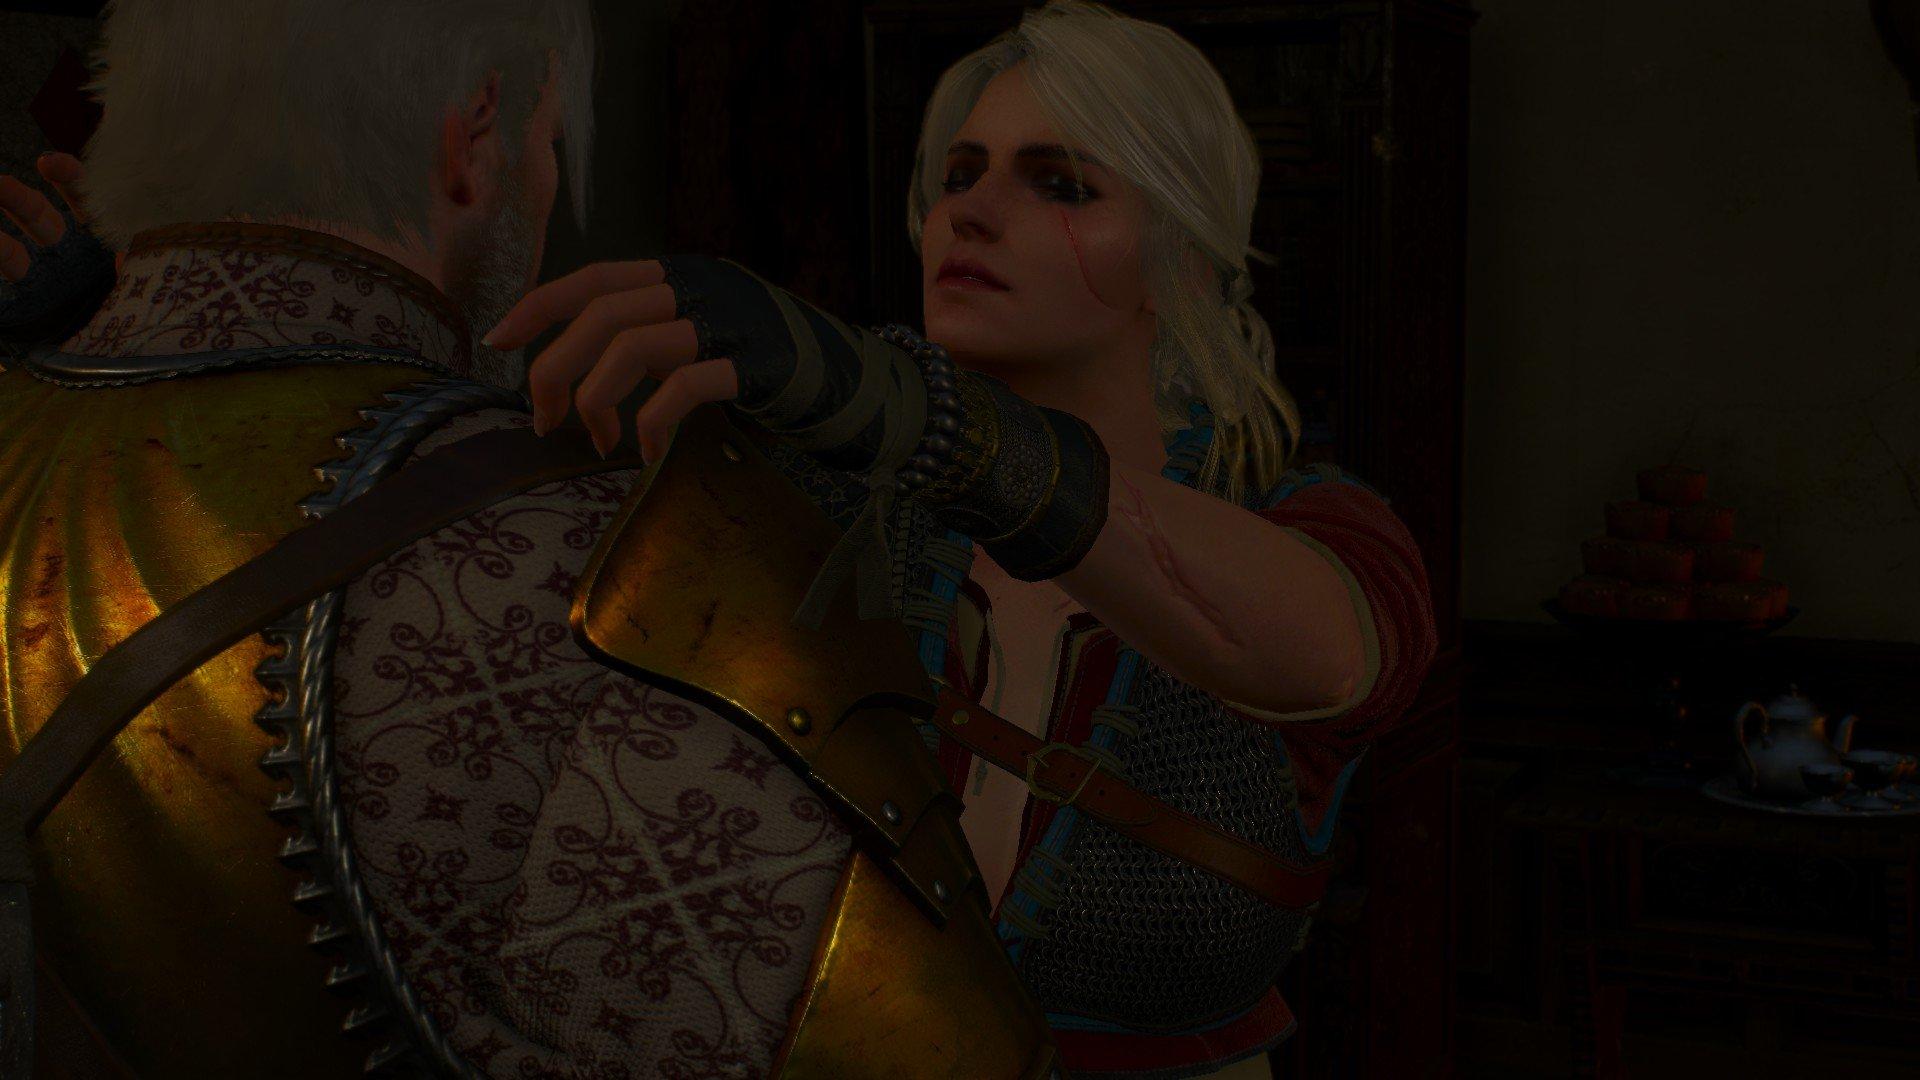 Вопль-прохождение Witcher 3: Кровь и Вино ... ФИНАЛ!!! [ВНИМАНИЕ, СПОЙЛЕРЫ] - Изображение 38